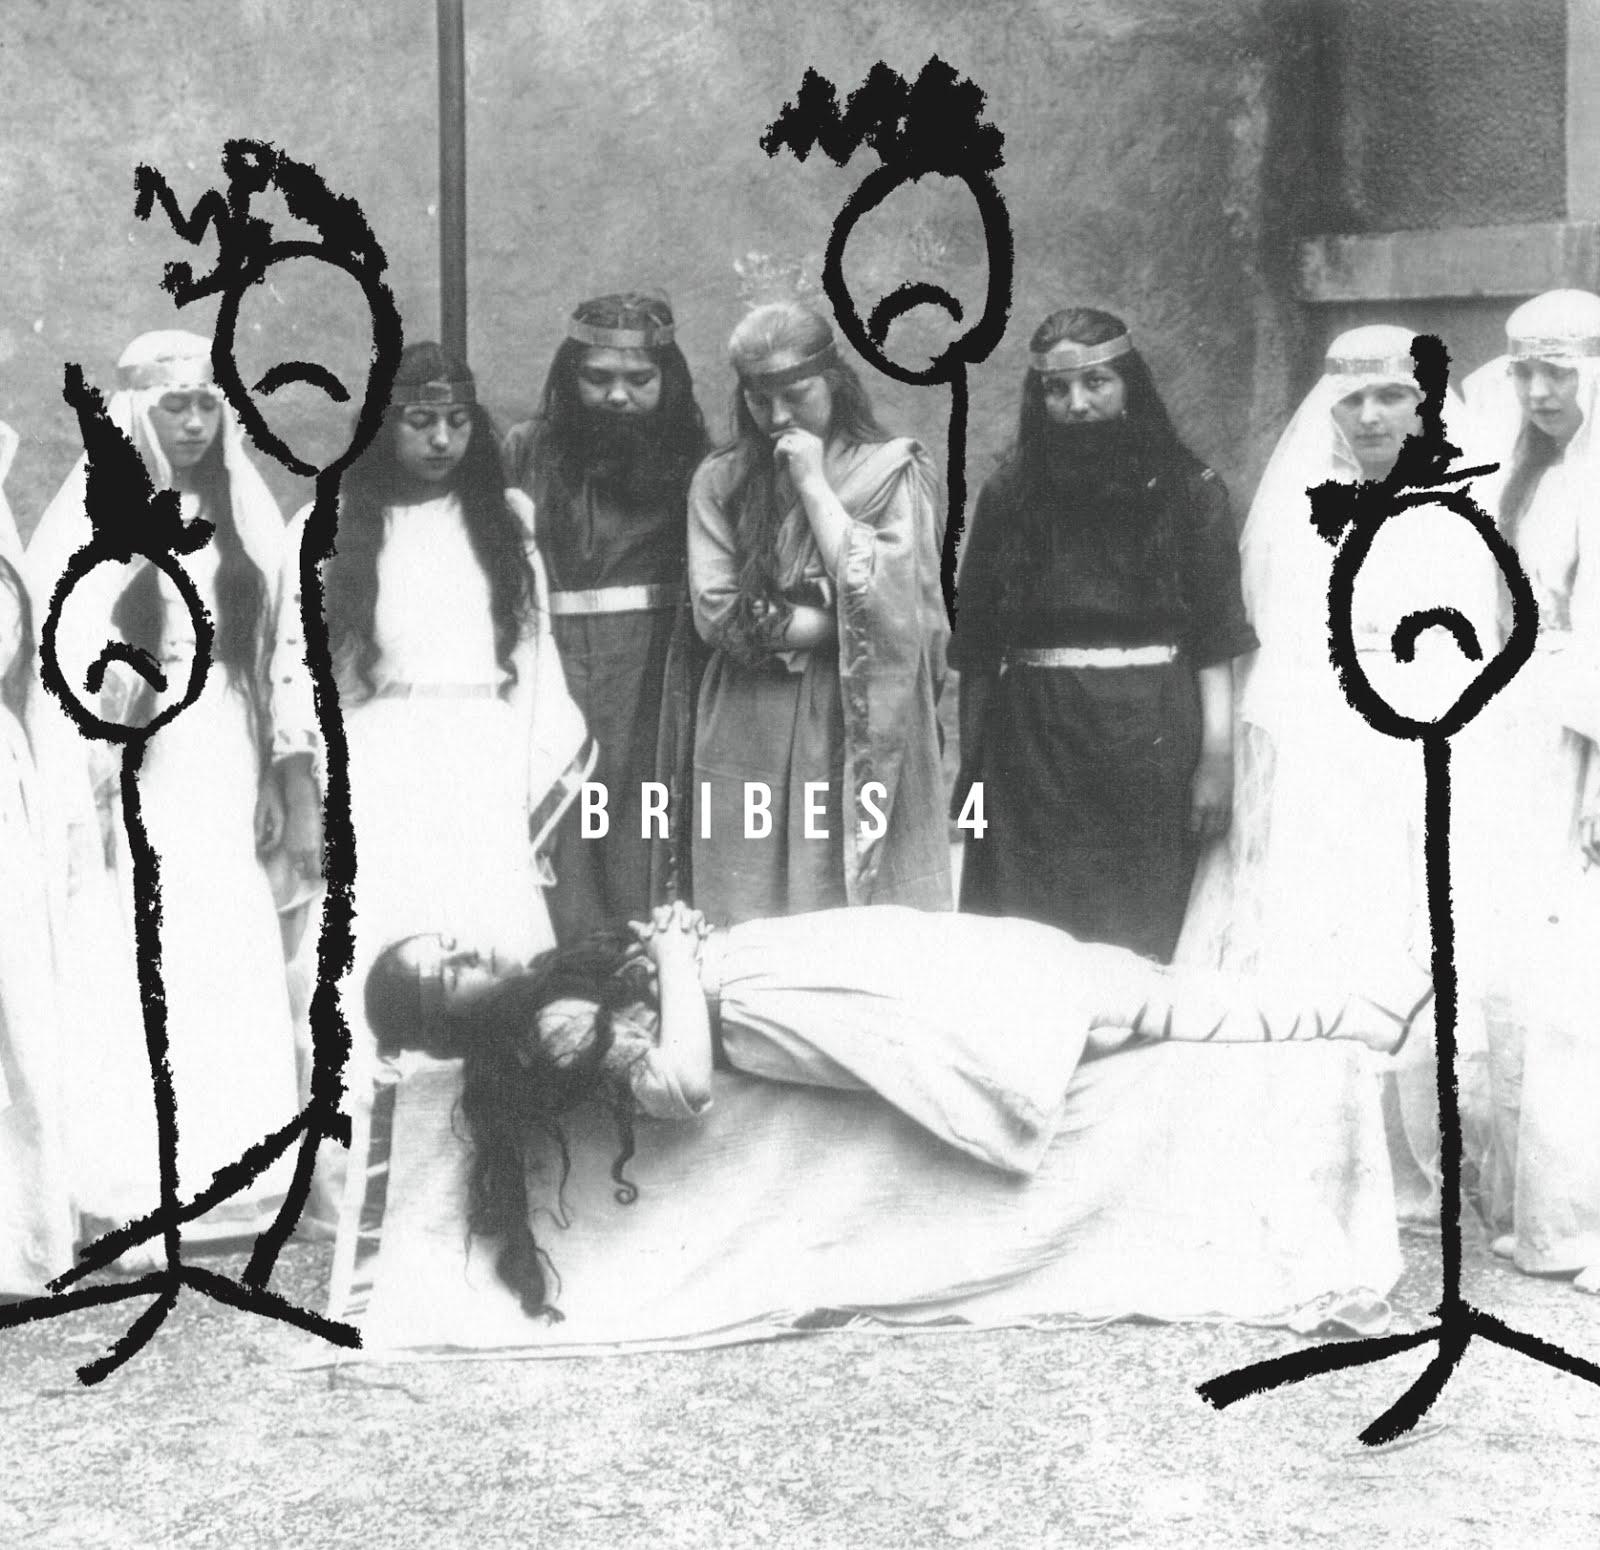 ACHETER L' ALBUM